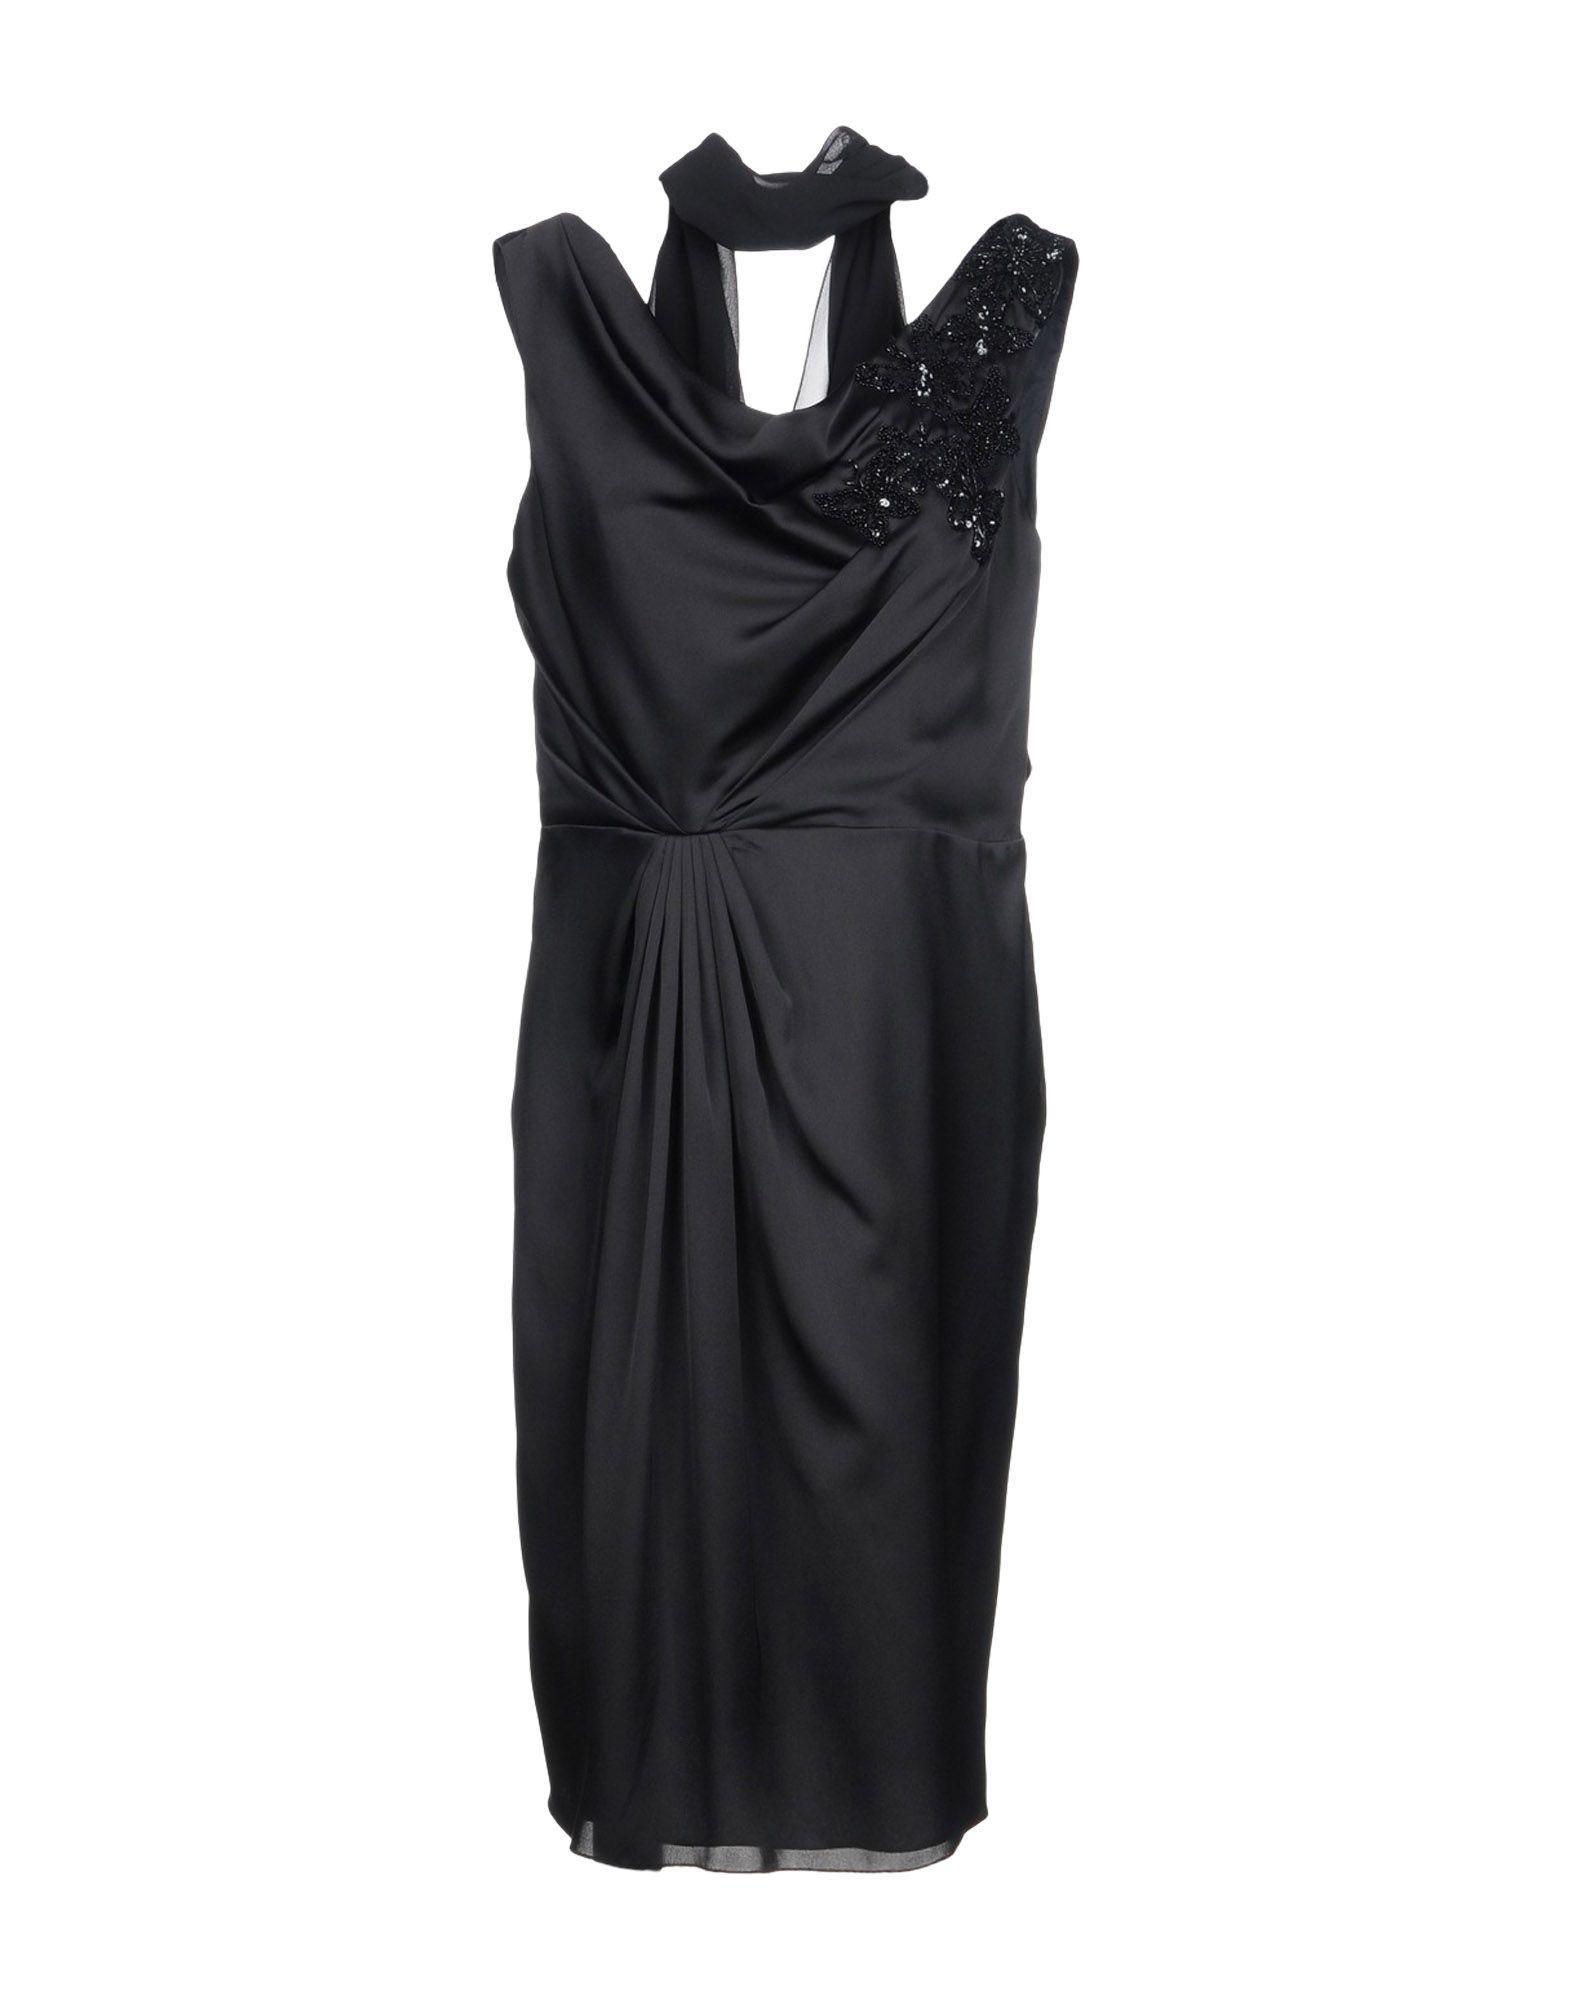 DRESSES - Knee-length dresses Carlo Pignatelli K9z9bjgKJM